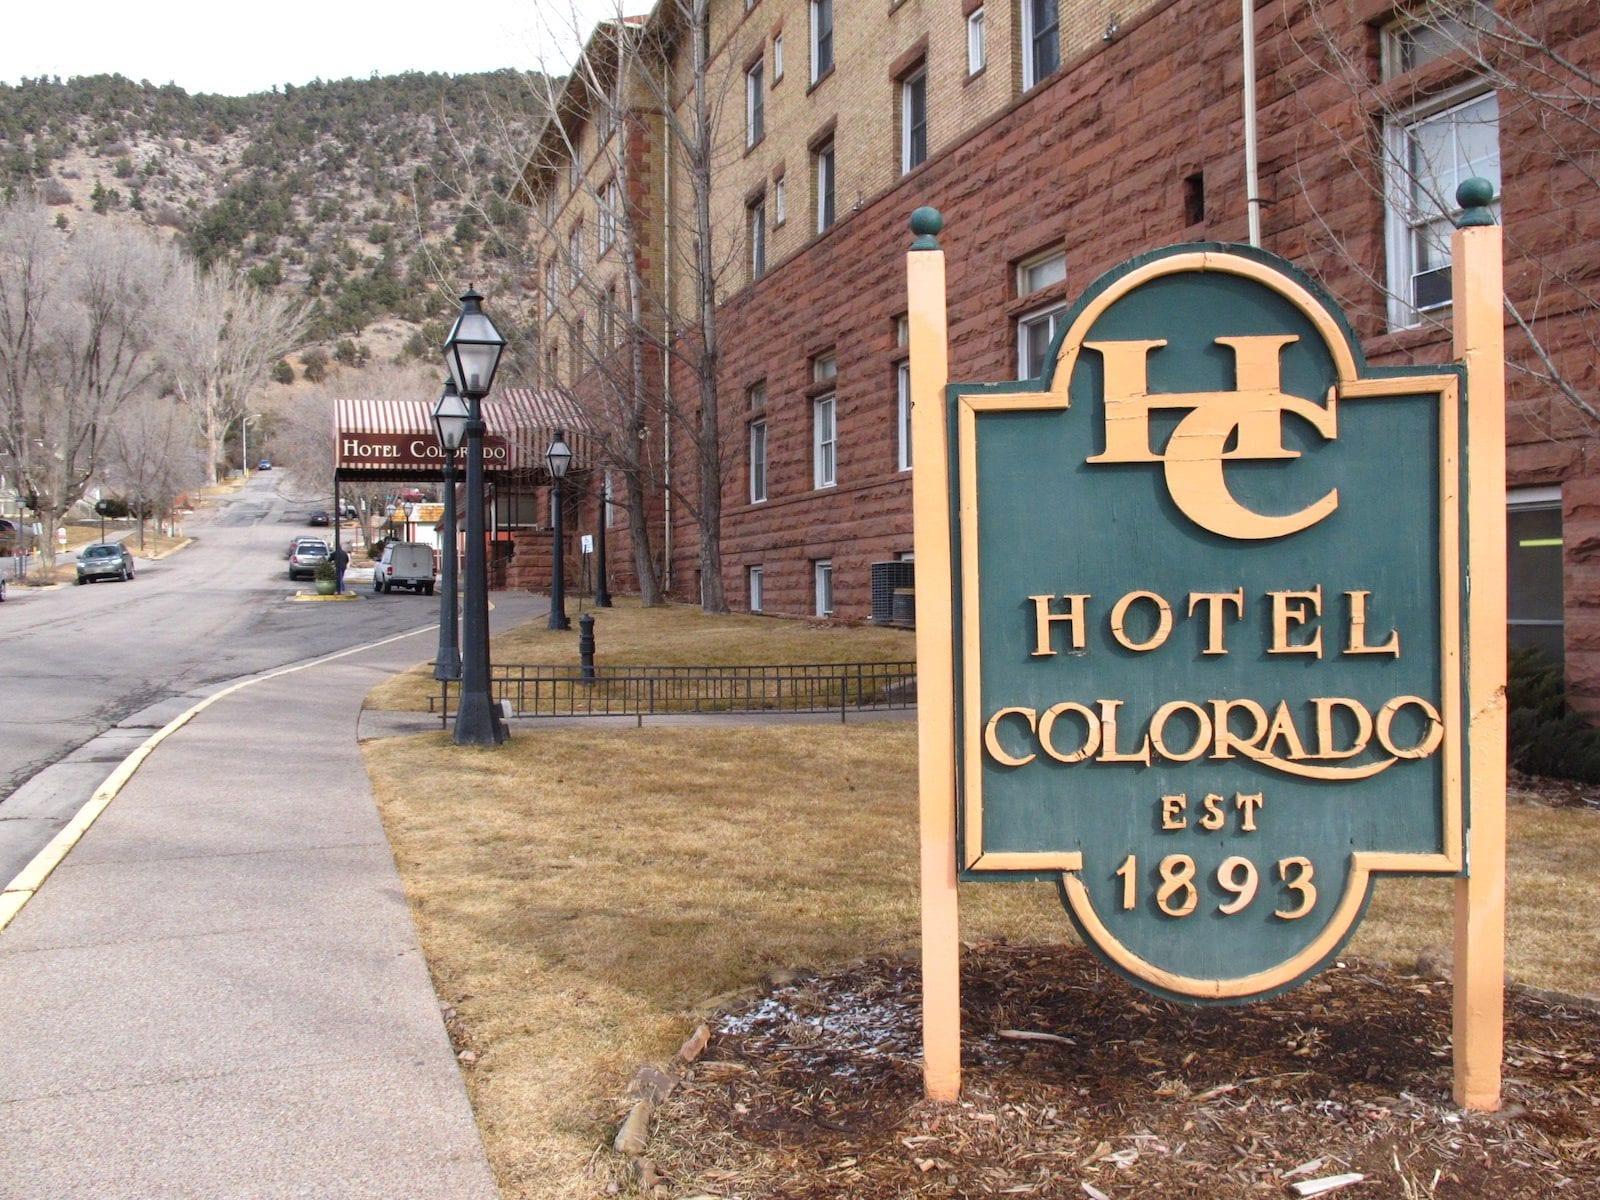 Hotel Colorado in Glenwood Springs, Colorado